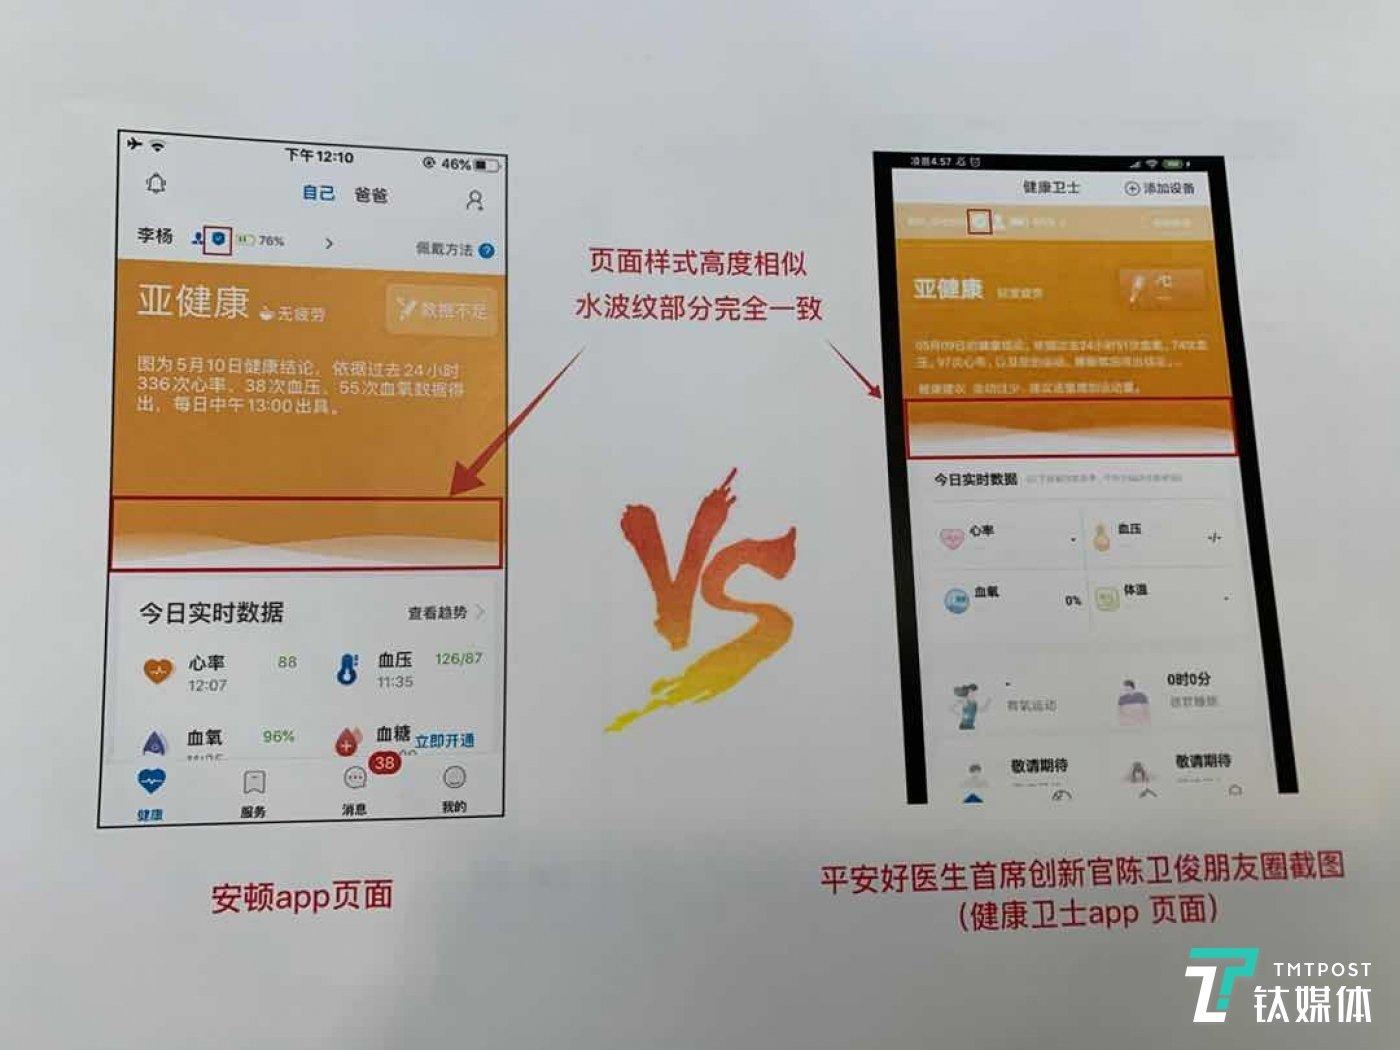 马剑飞称自己获得的平安好医生健康卫士app页面的截图来自陈卫俊朋友圈